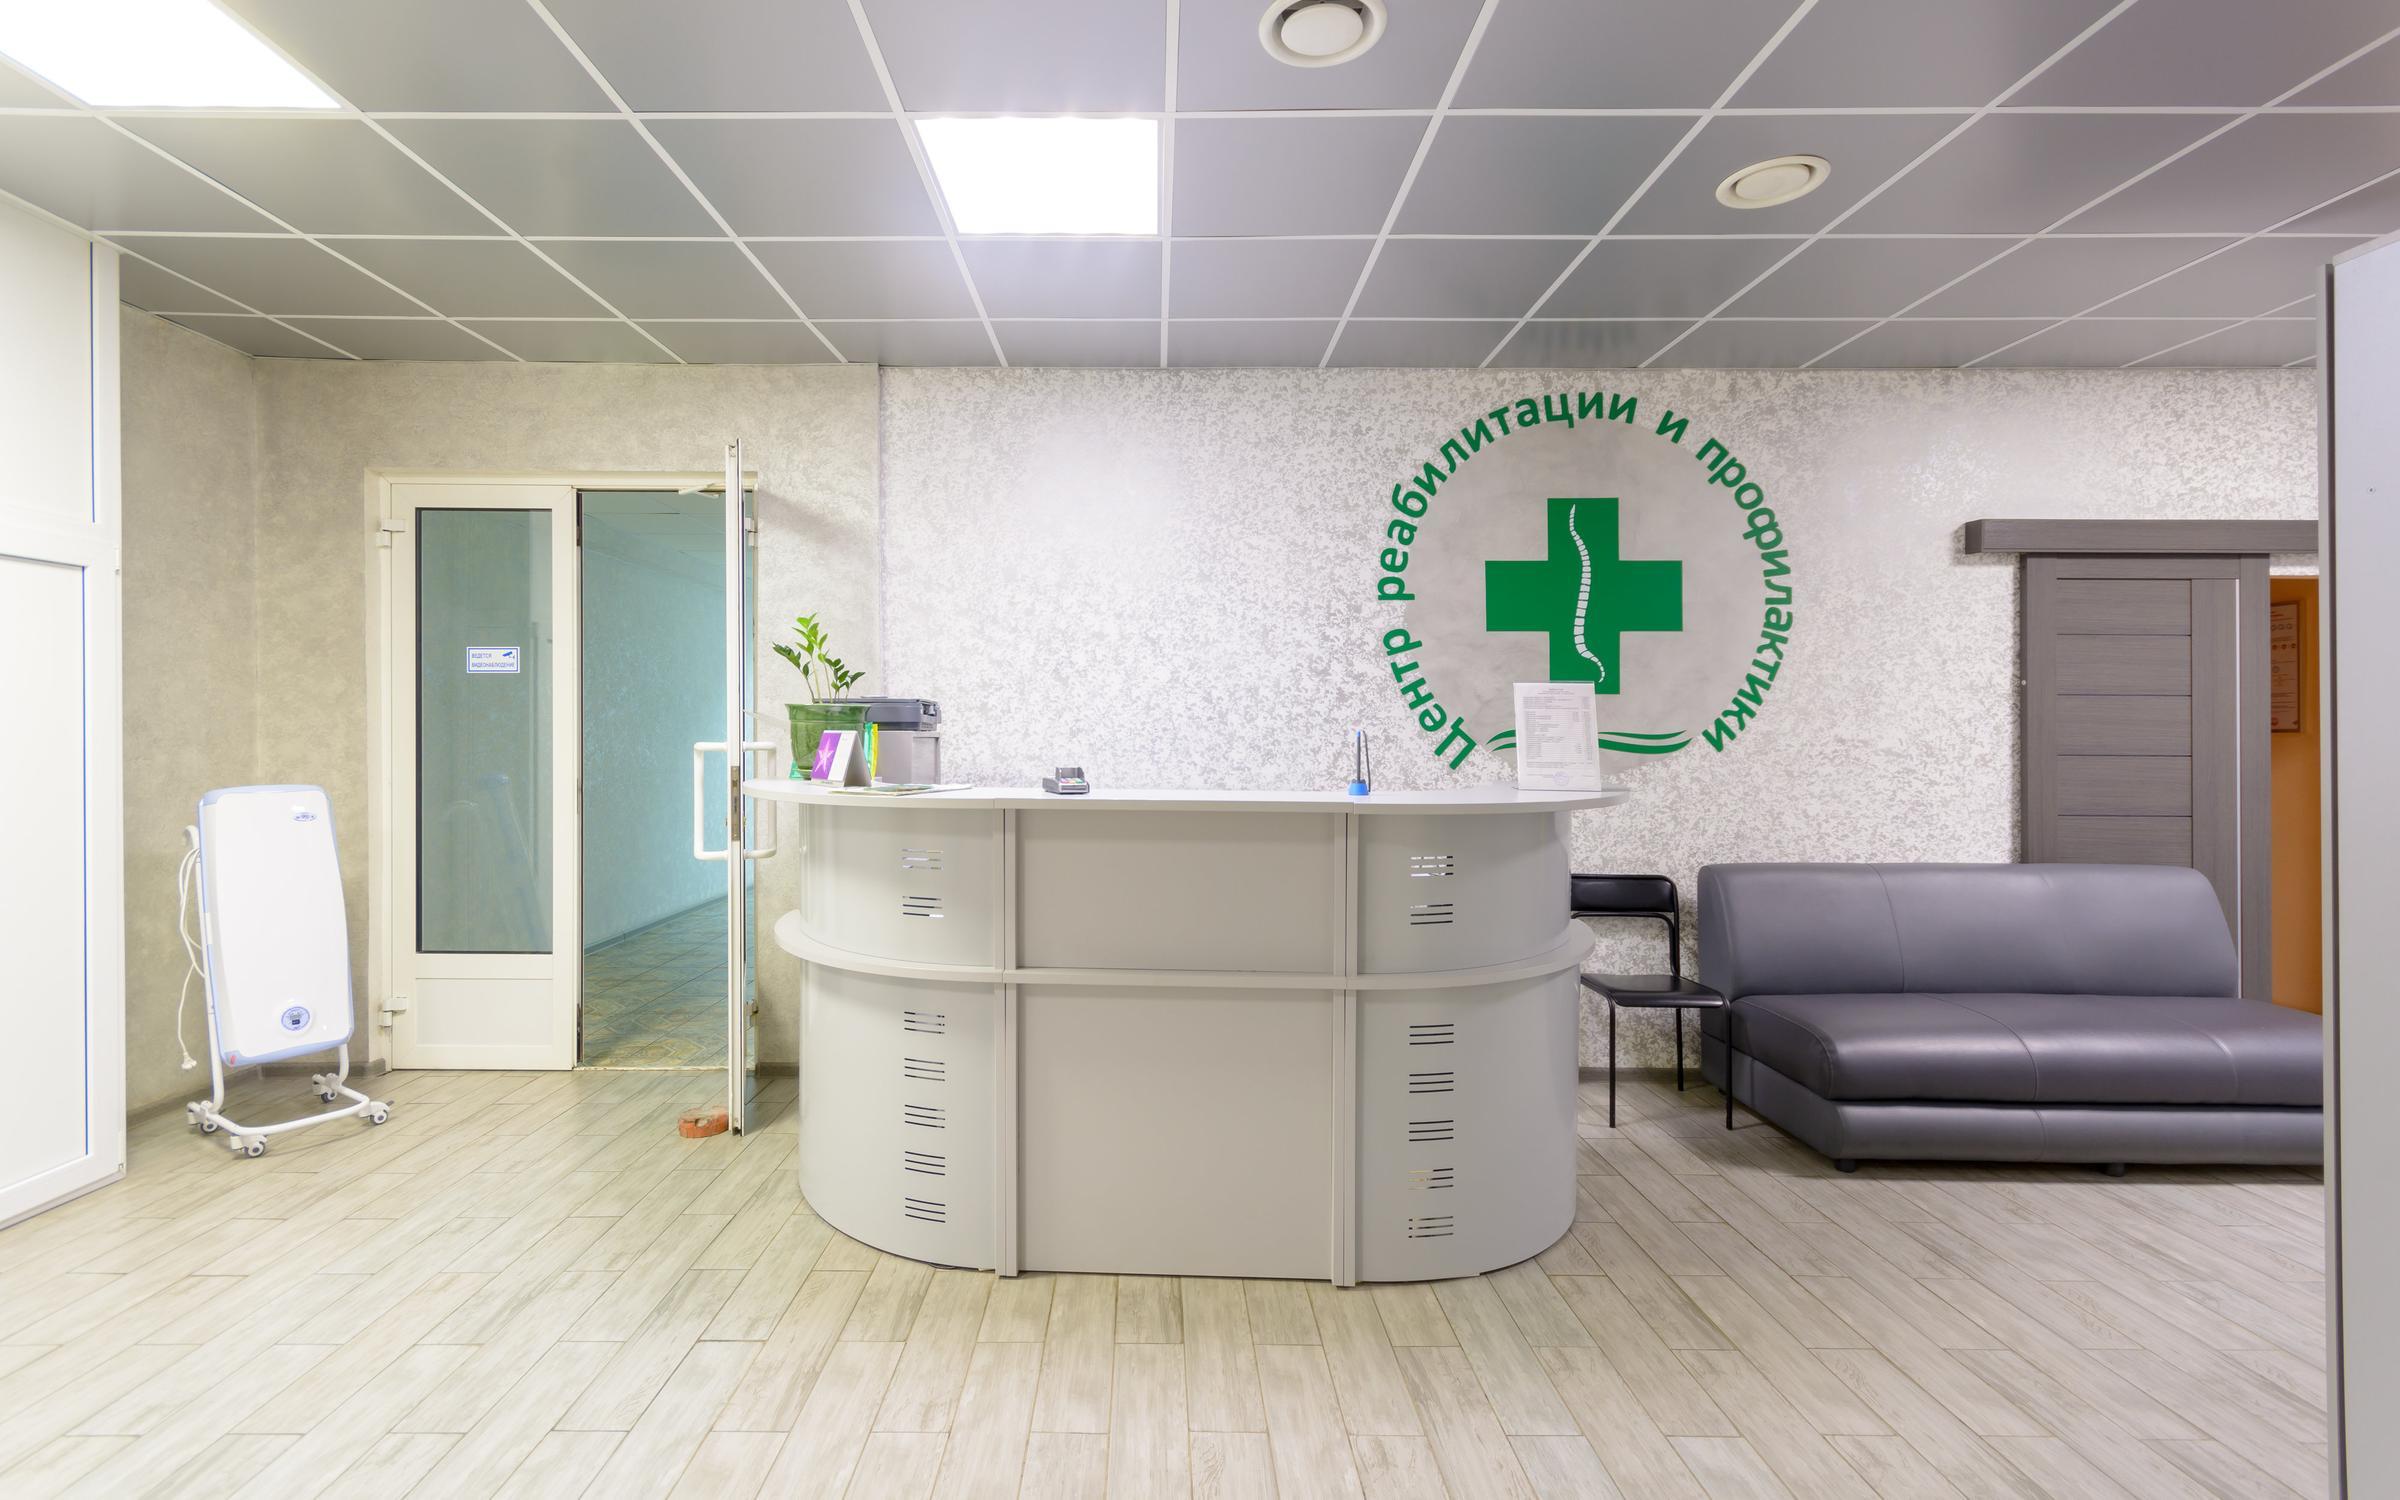 фотография Центра реабилитации и профилактики на улице Луначарского